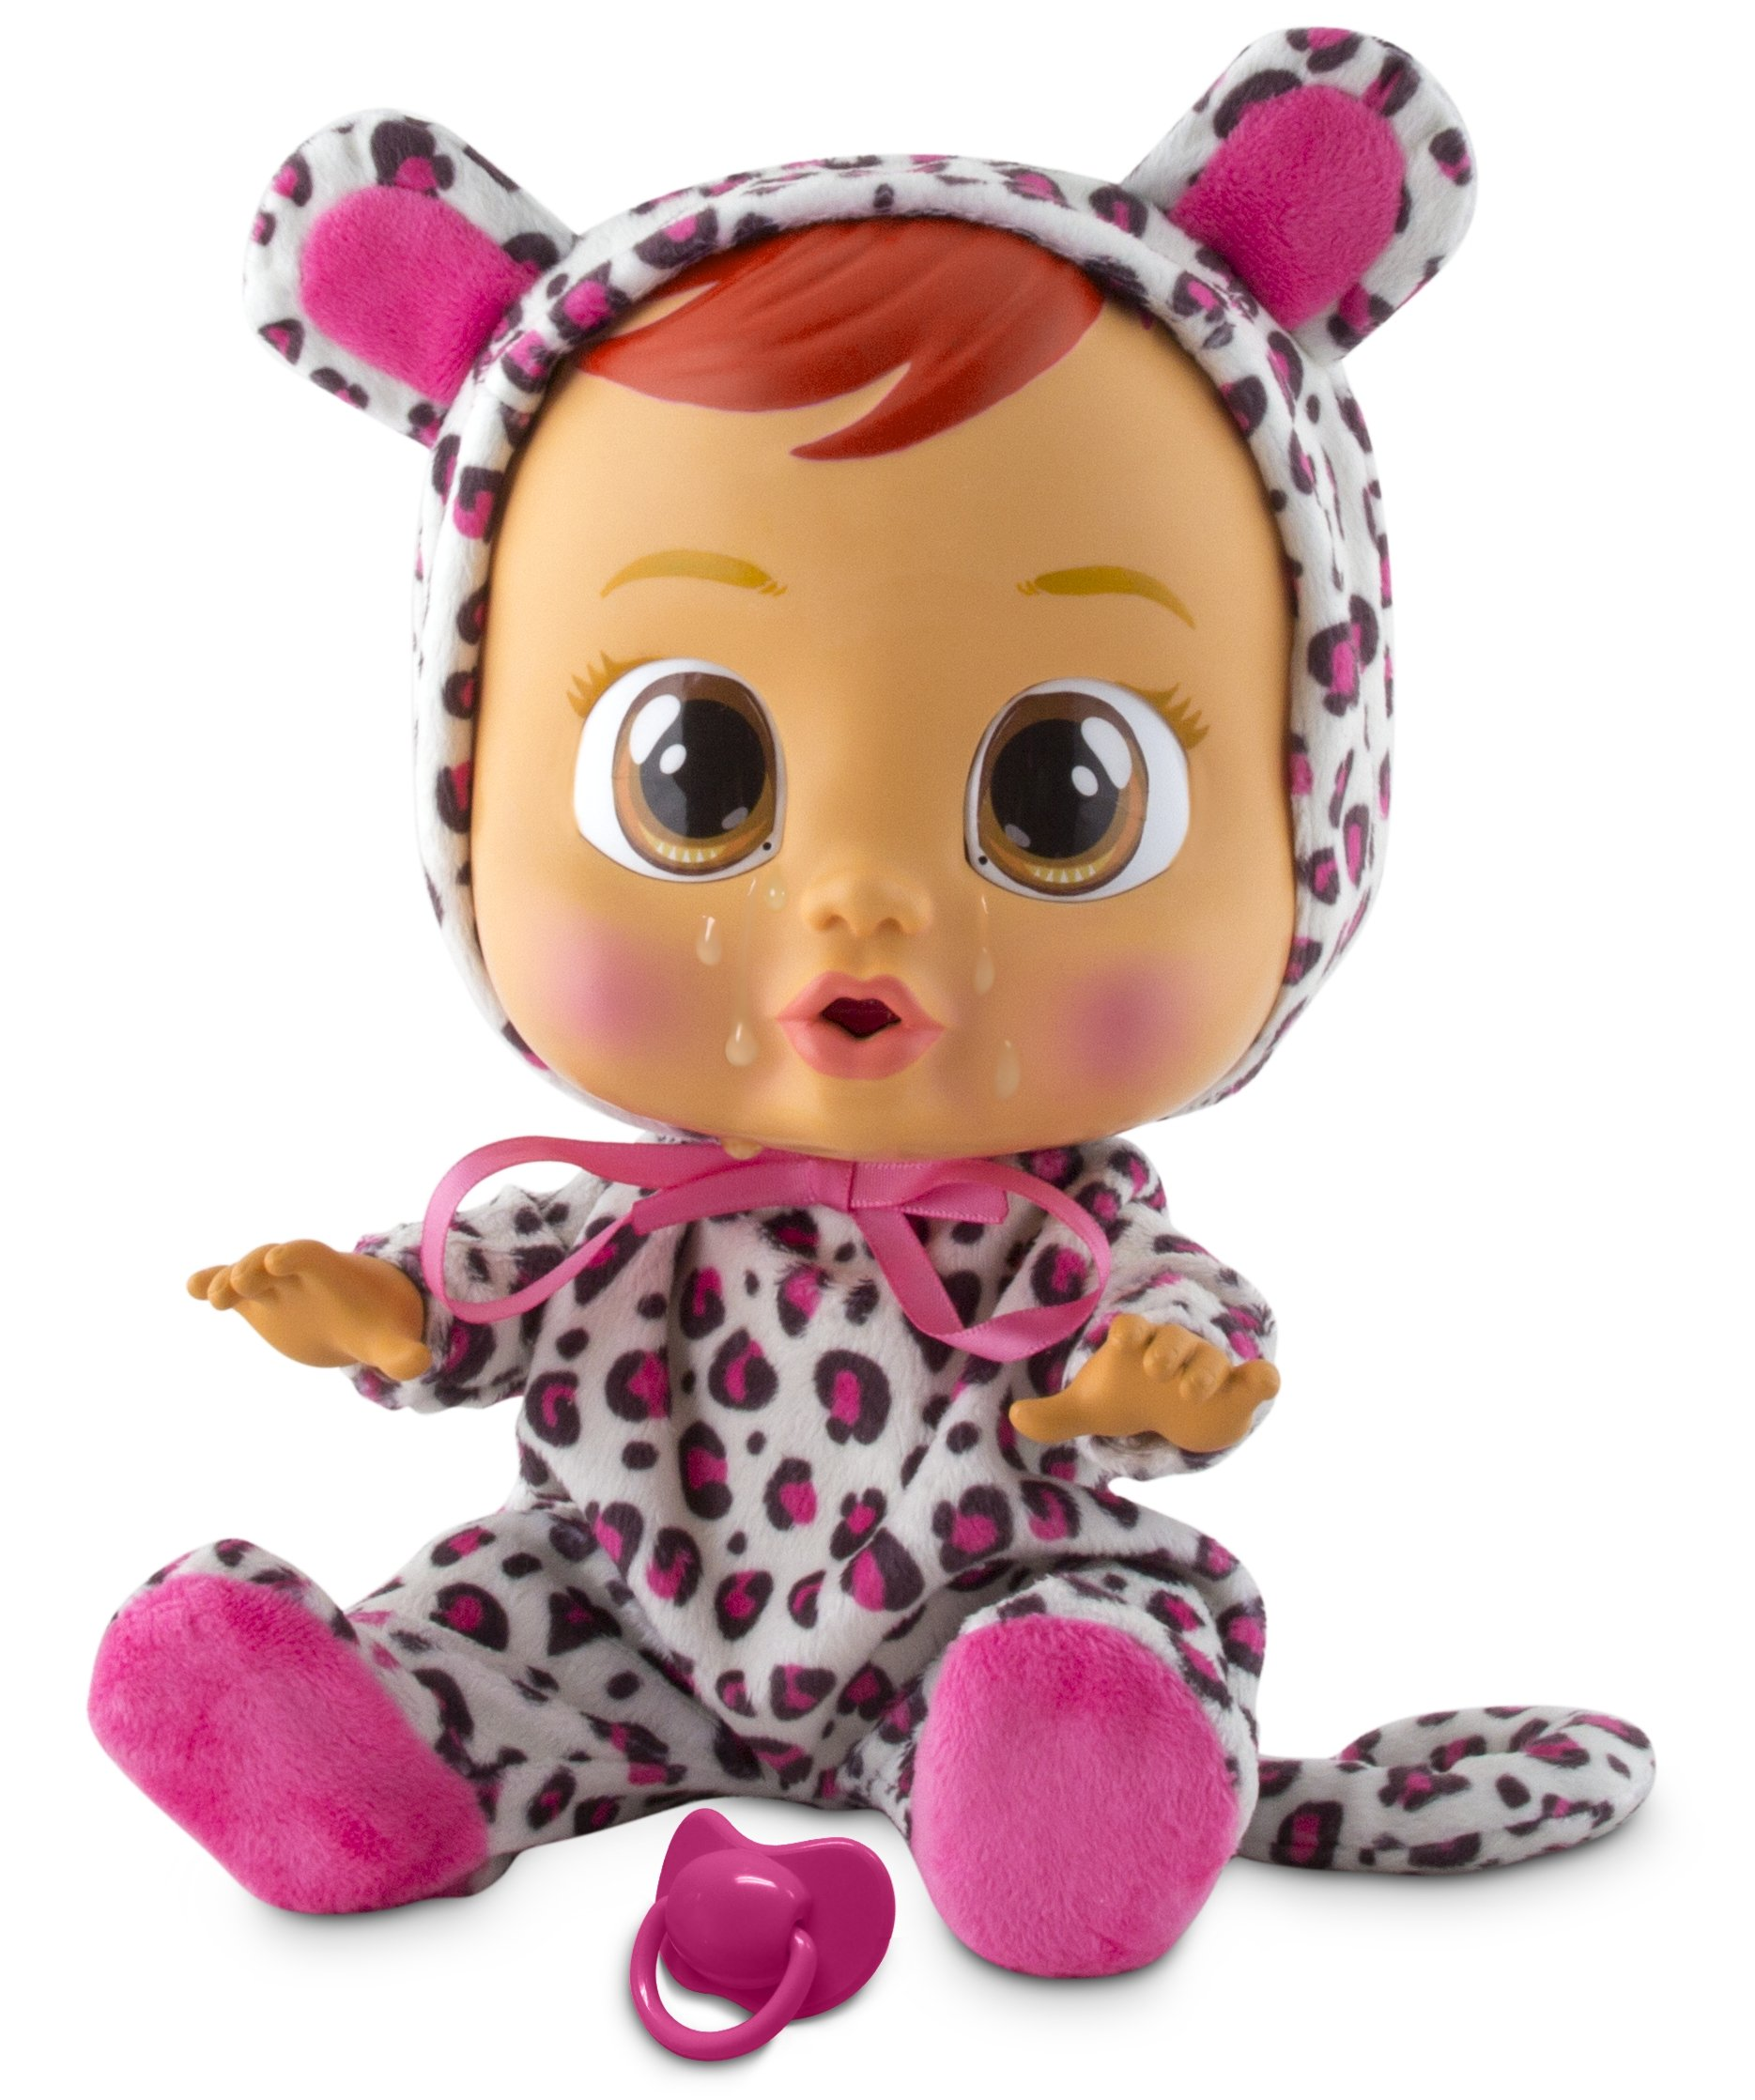 NEW bebes Llorones o Cry Baby de IMC Toys llora con agua real y hace ruidos de